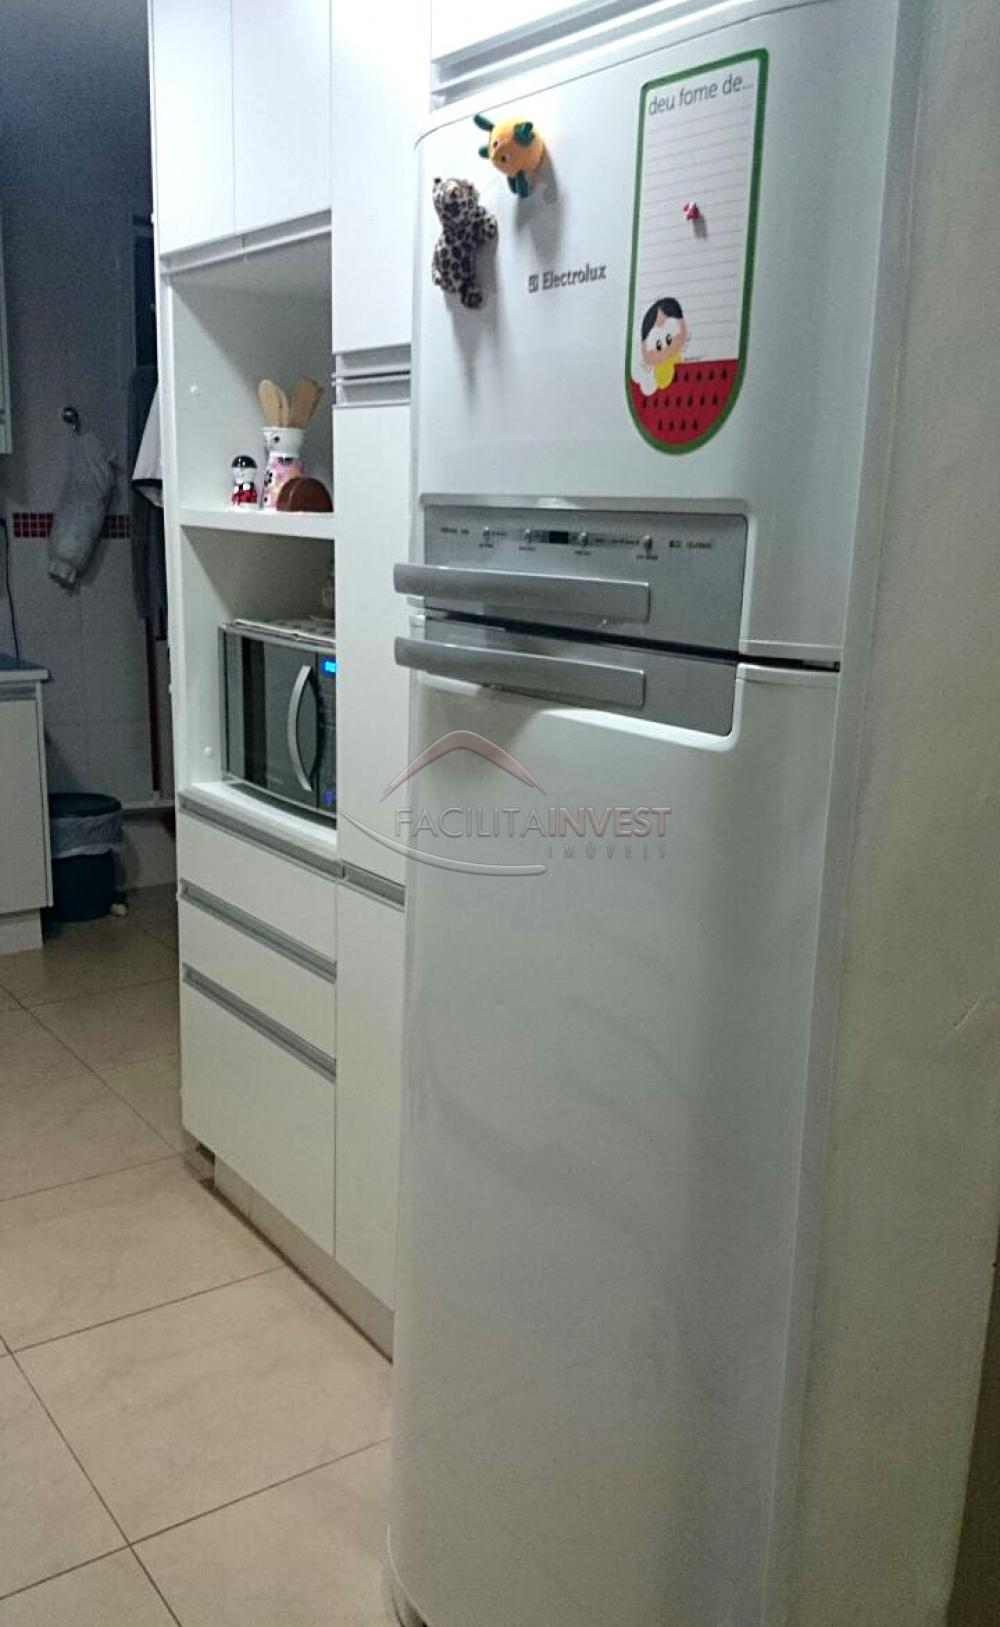 Alugar Apartamentos / Apart. Padrão em Ribeirão Preto apenas R$ 1.150,00 - Foto 4